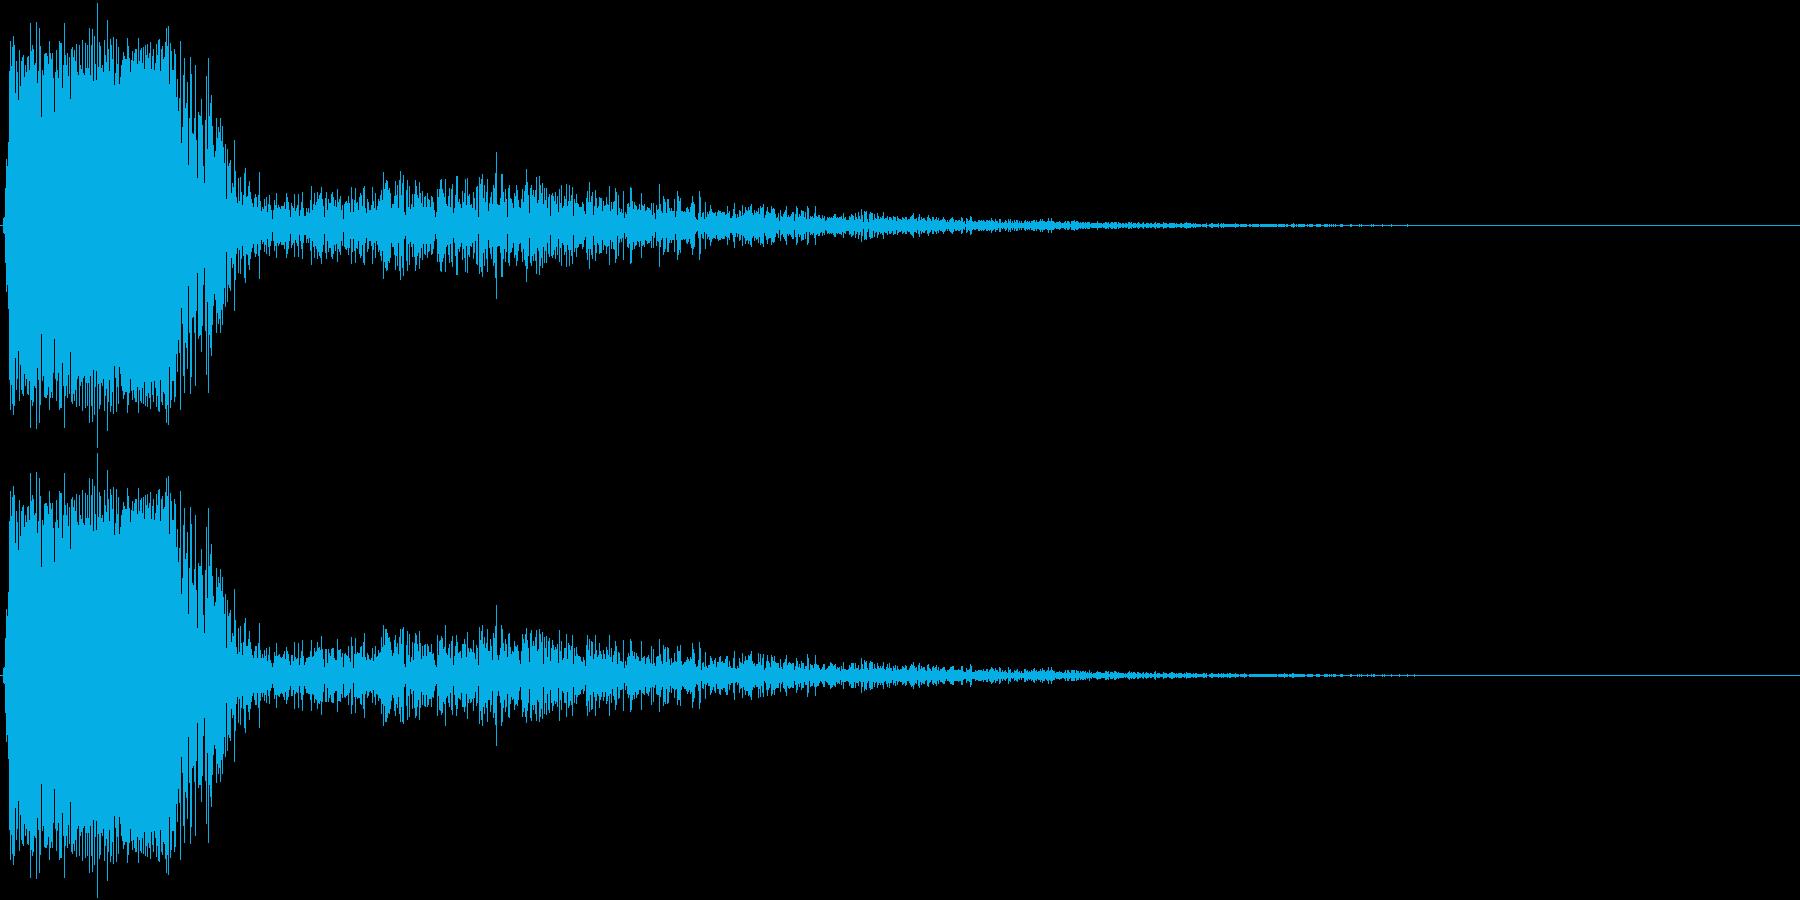 KAKUGE 格闘ゲーム戦闘音 59の再生済みの波形